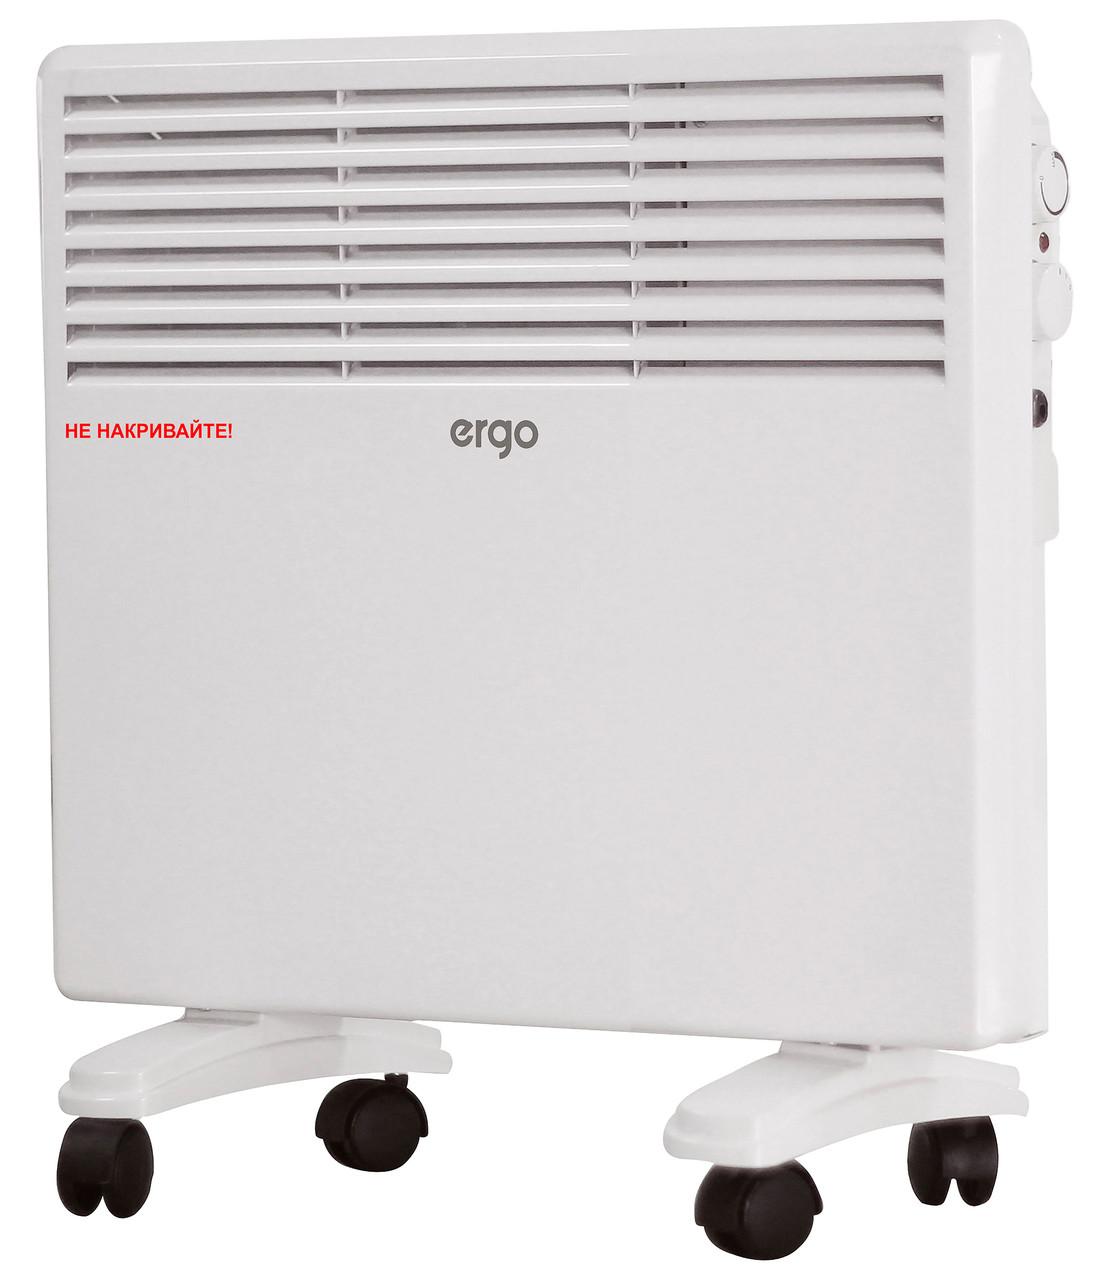 Конвектор электрический ERGO HC-2010 1000 Вт